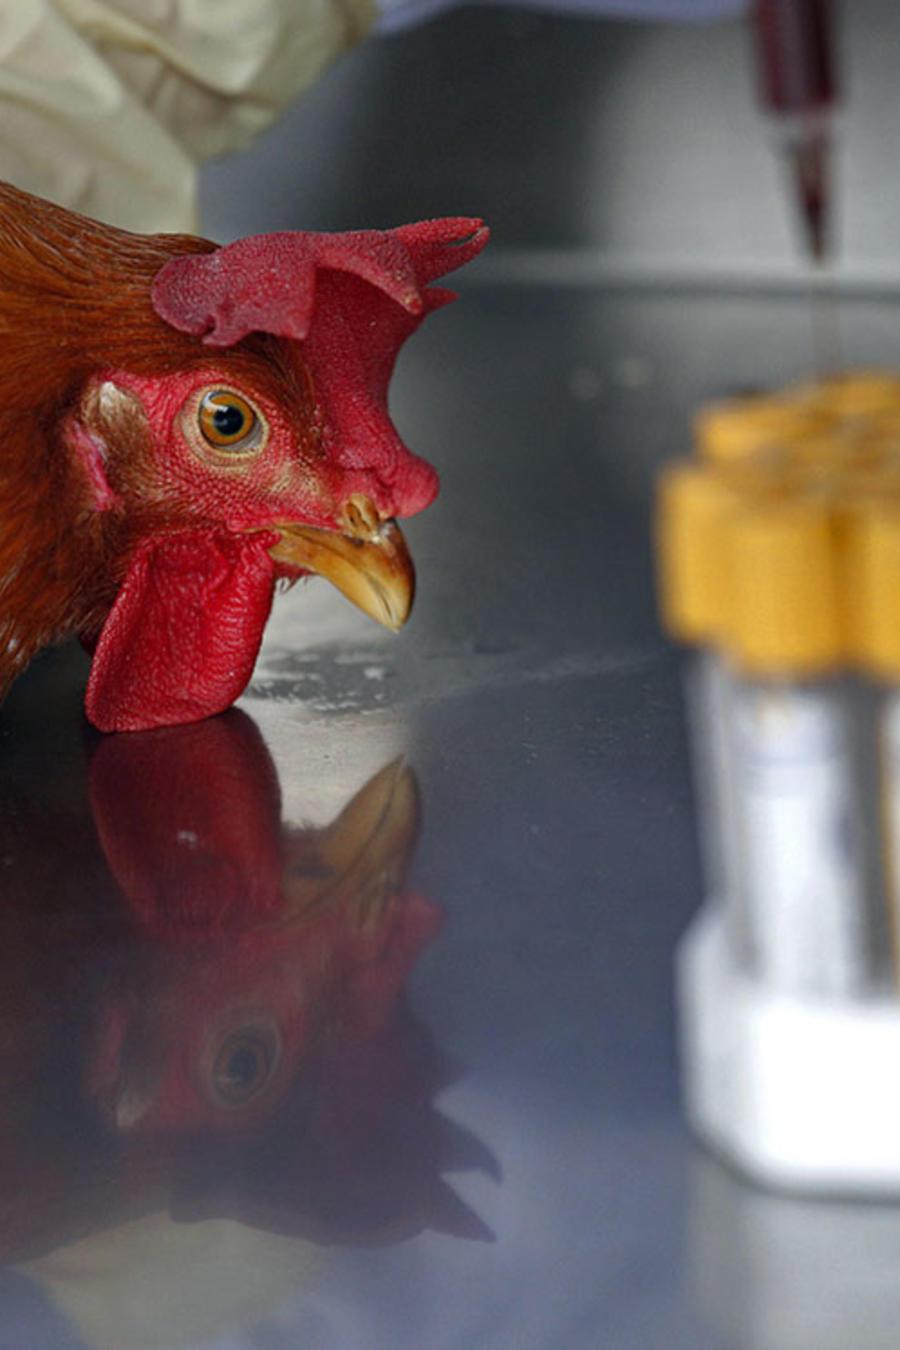 Trabajadores de un laboratorio examinan a una gallina.